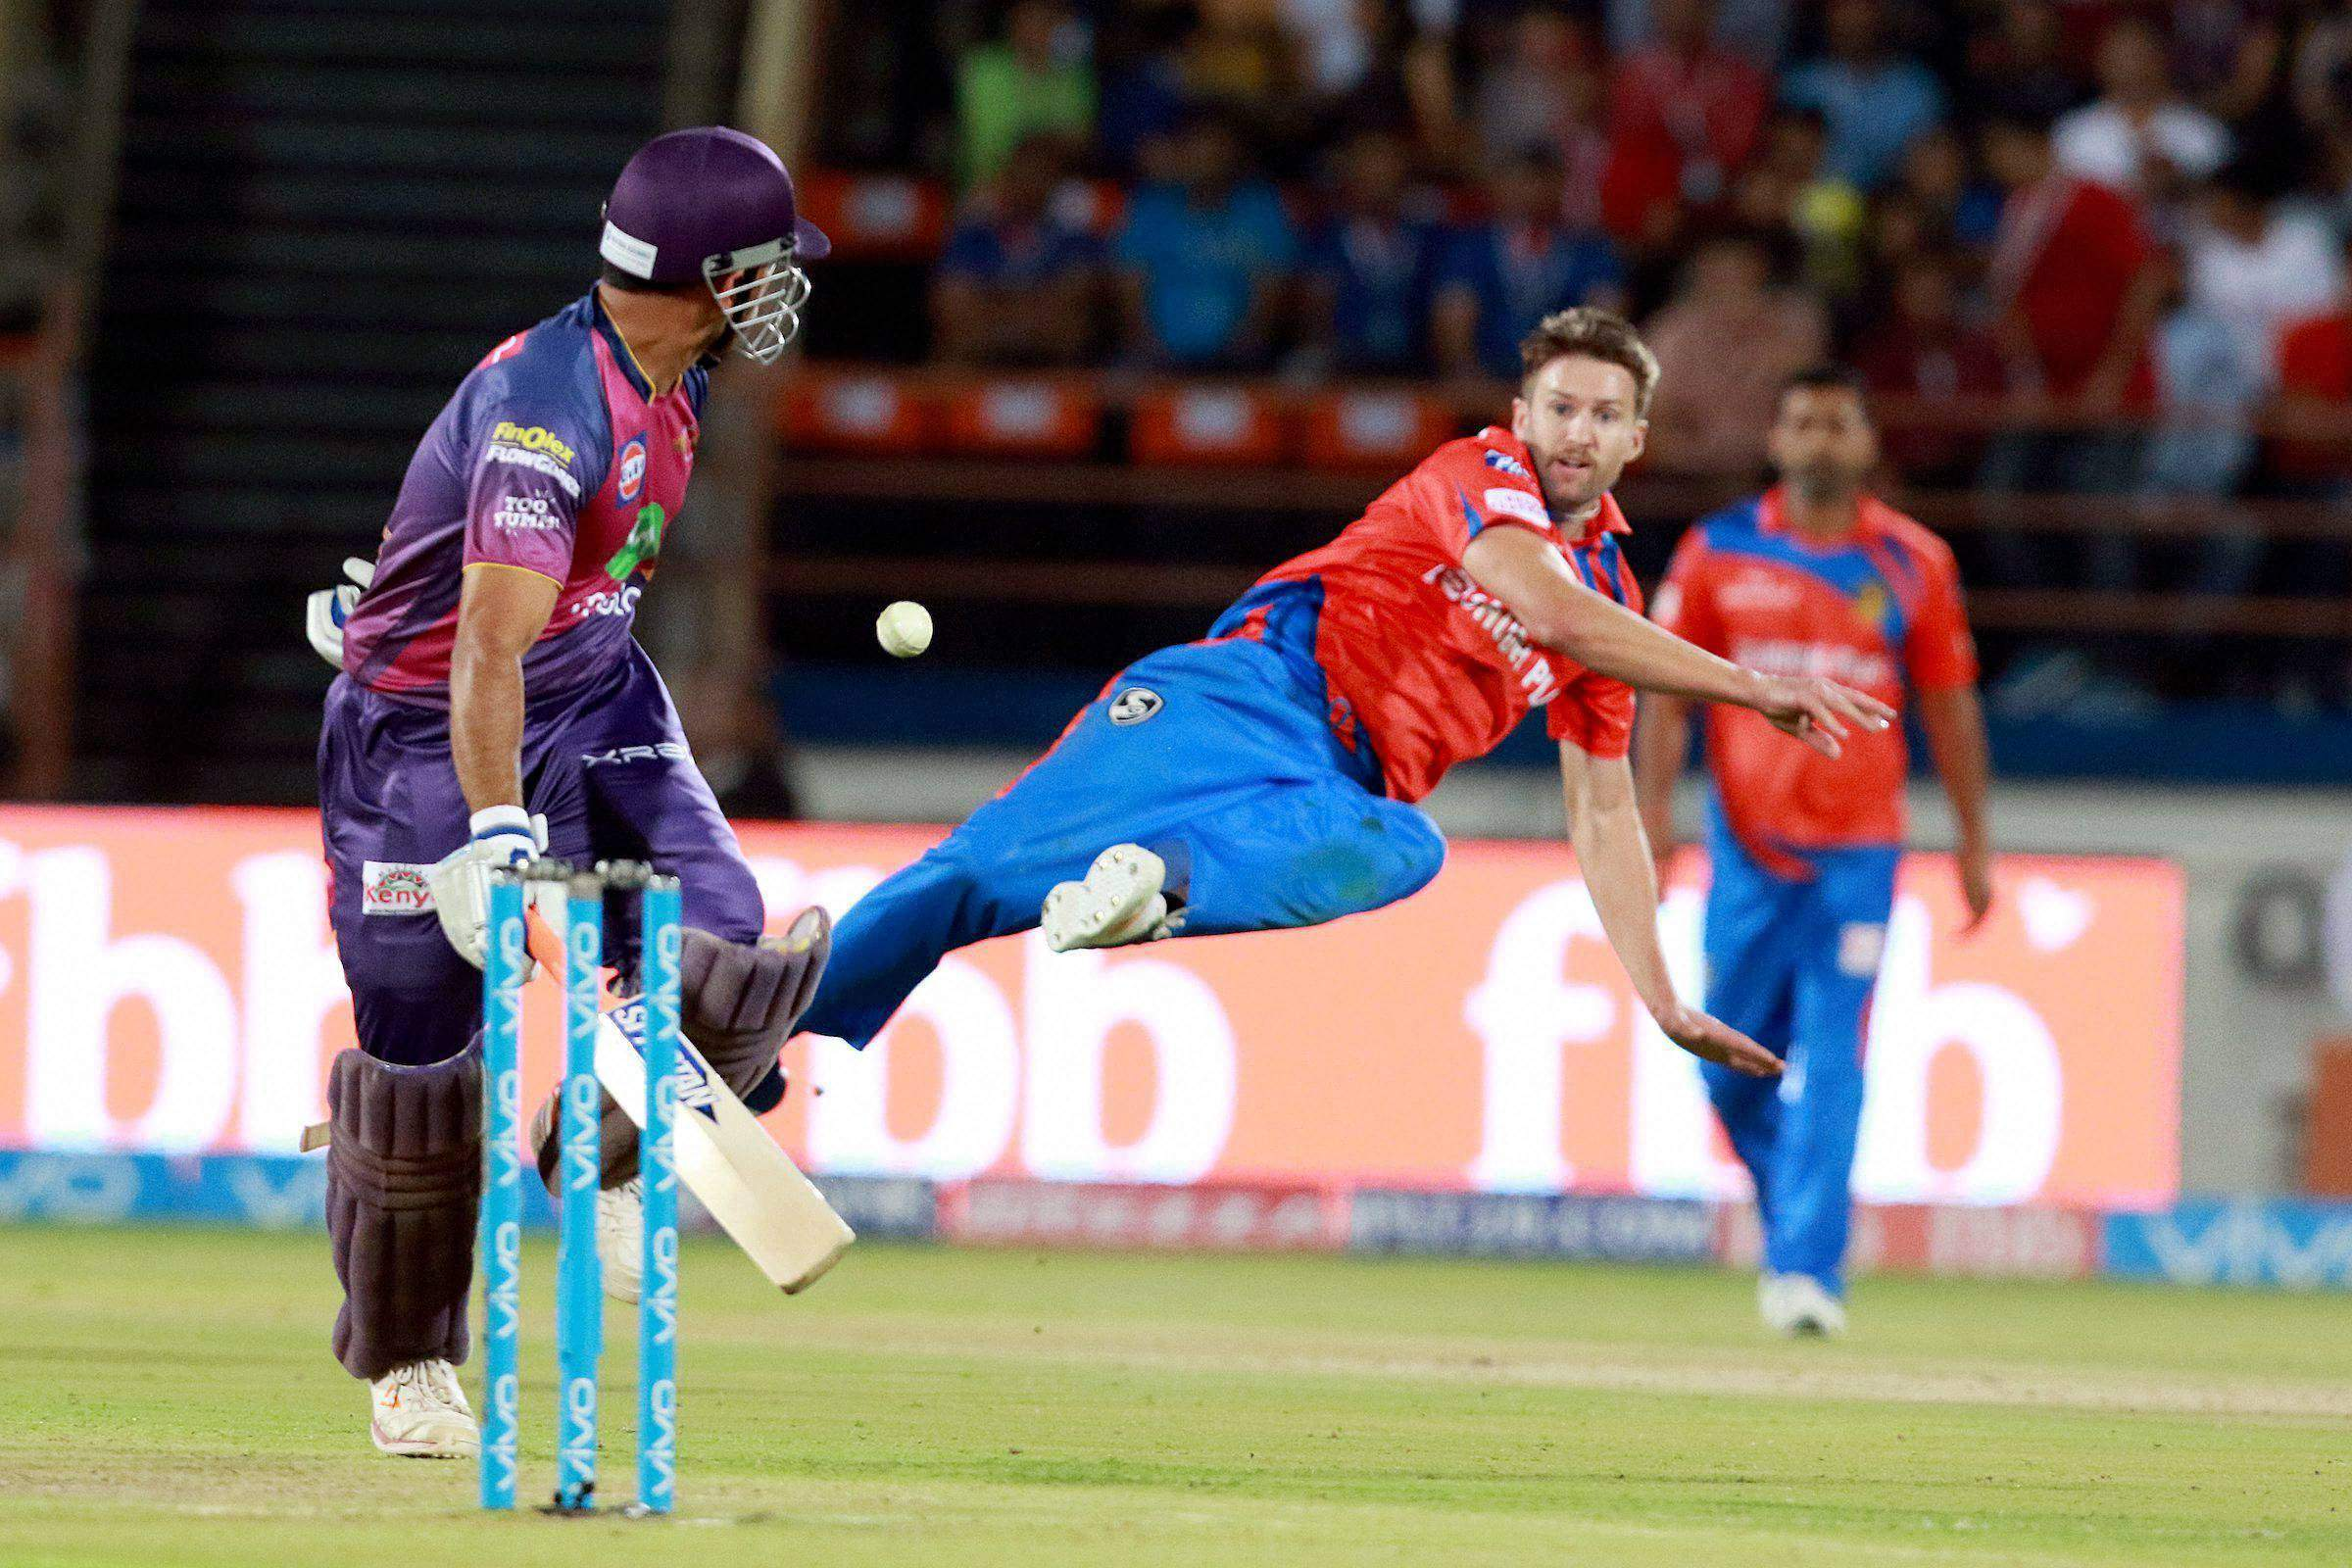 आॅस्ट्रेलिया क्रिकेट टीम के दिग्गज खिलाड़ी एंड्रूयू टाई ने चुना अपनी आॅल टाइम प्लेइंग इलेवन ड्रीम्स टीम इस भारतीय को मिली जगह, इस दिग्गज को सौपी कप्तानी 5